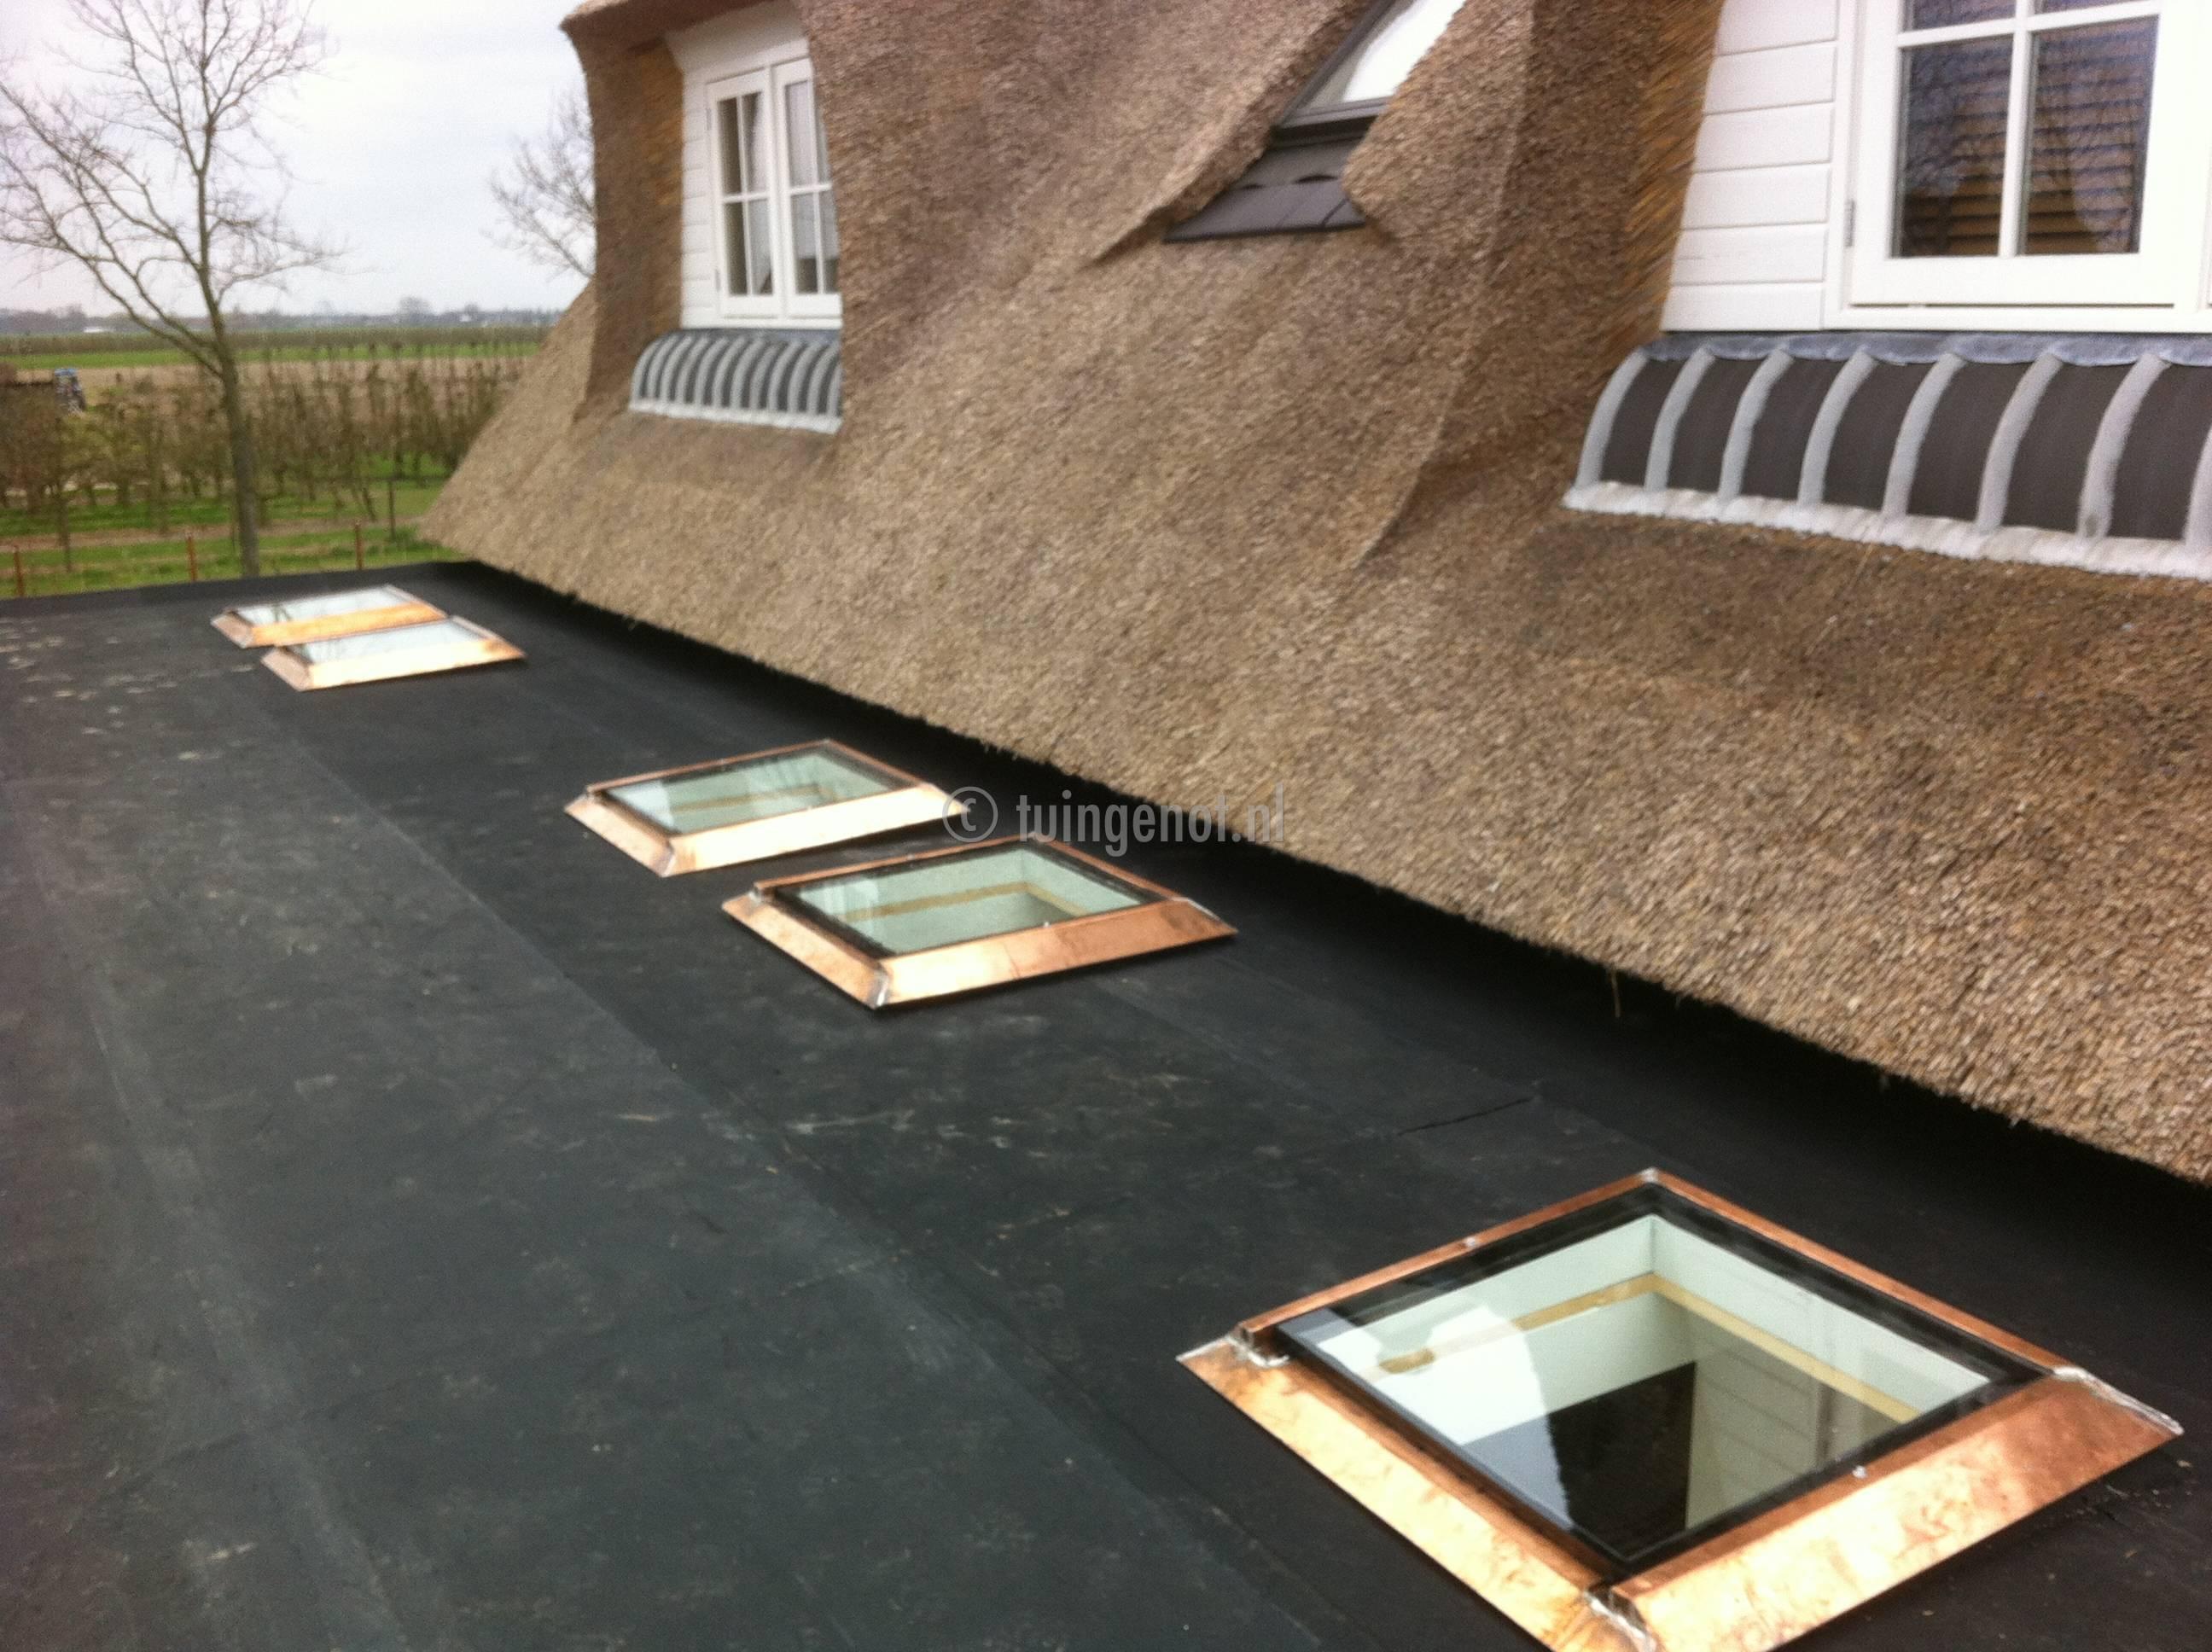 Tuingenot 60 een megagrote luxe hardhouten veranda - Veranda met dakraam ...